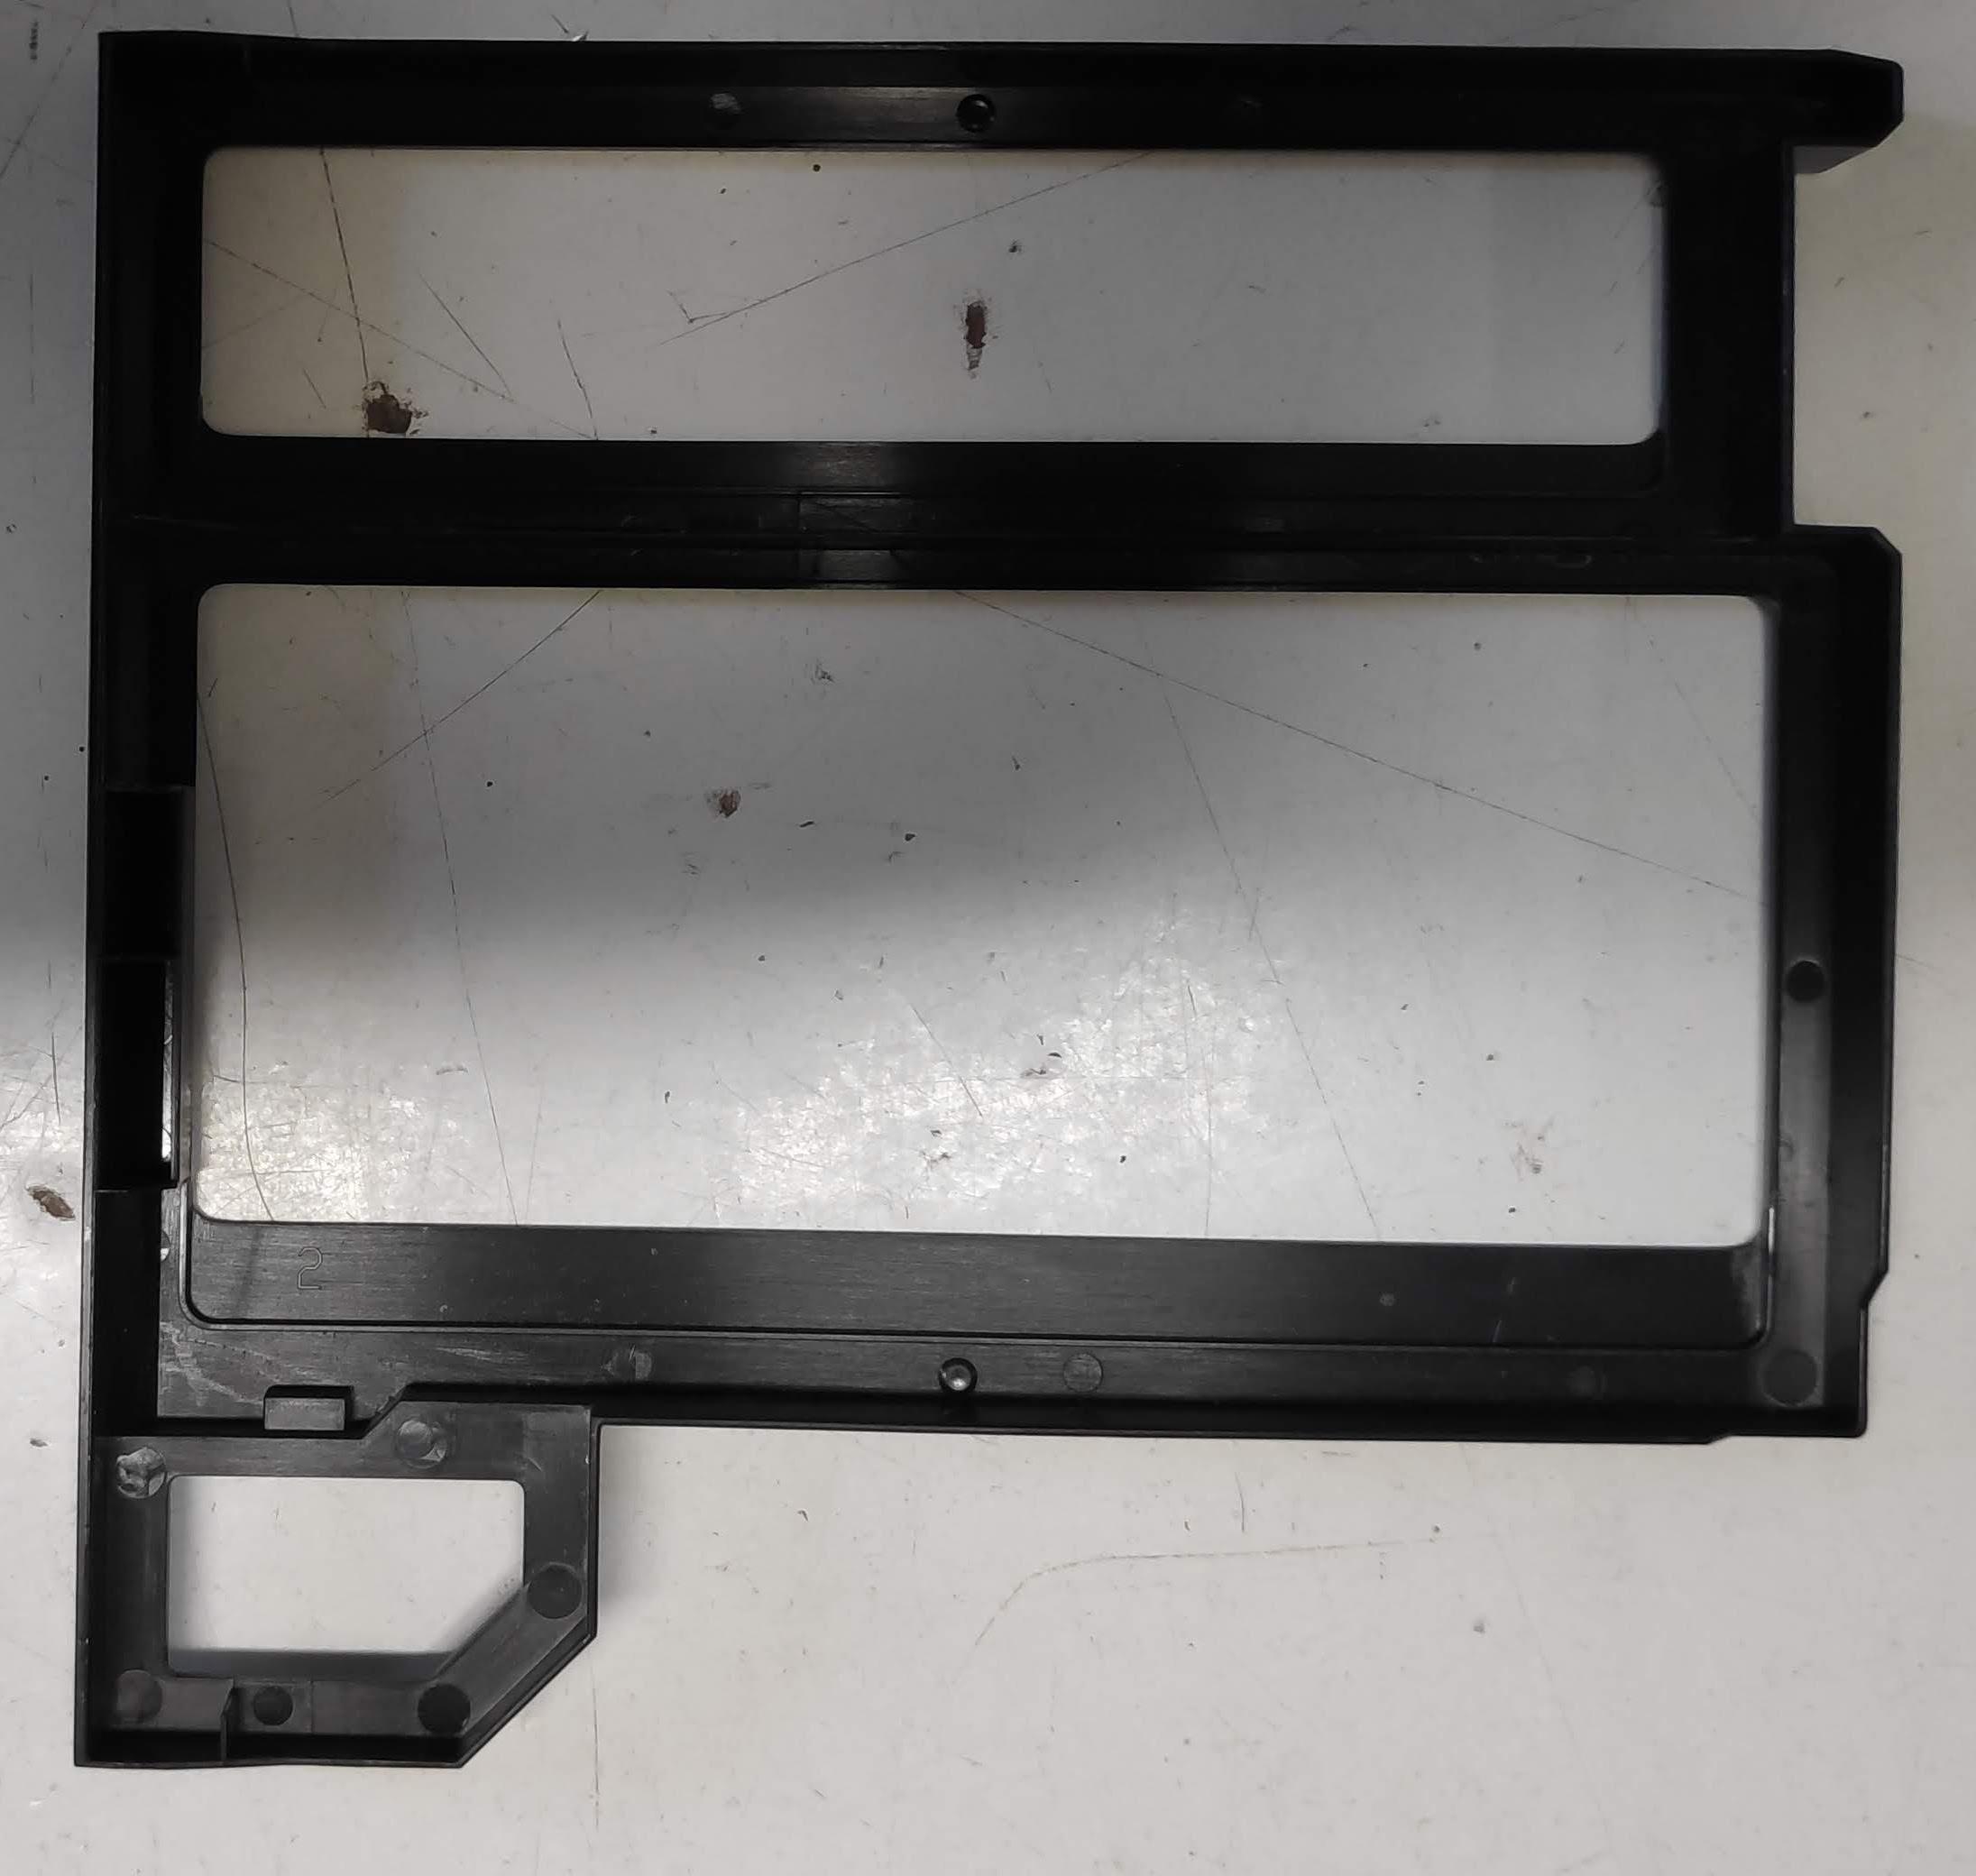 Packard Bell TE69 Gateway NE522 ODD optikai megható dummy 42.4YU18.102 42.4YU18.101 használt